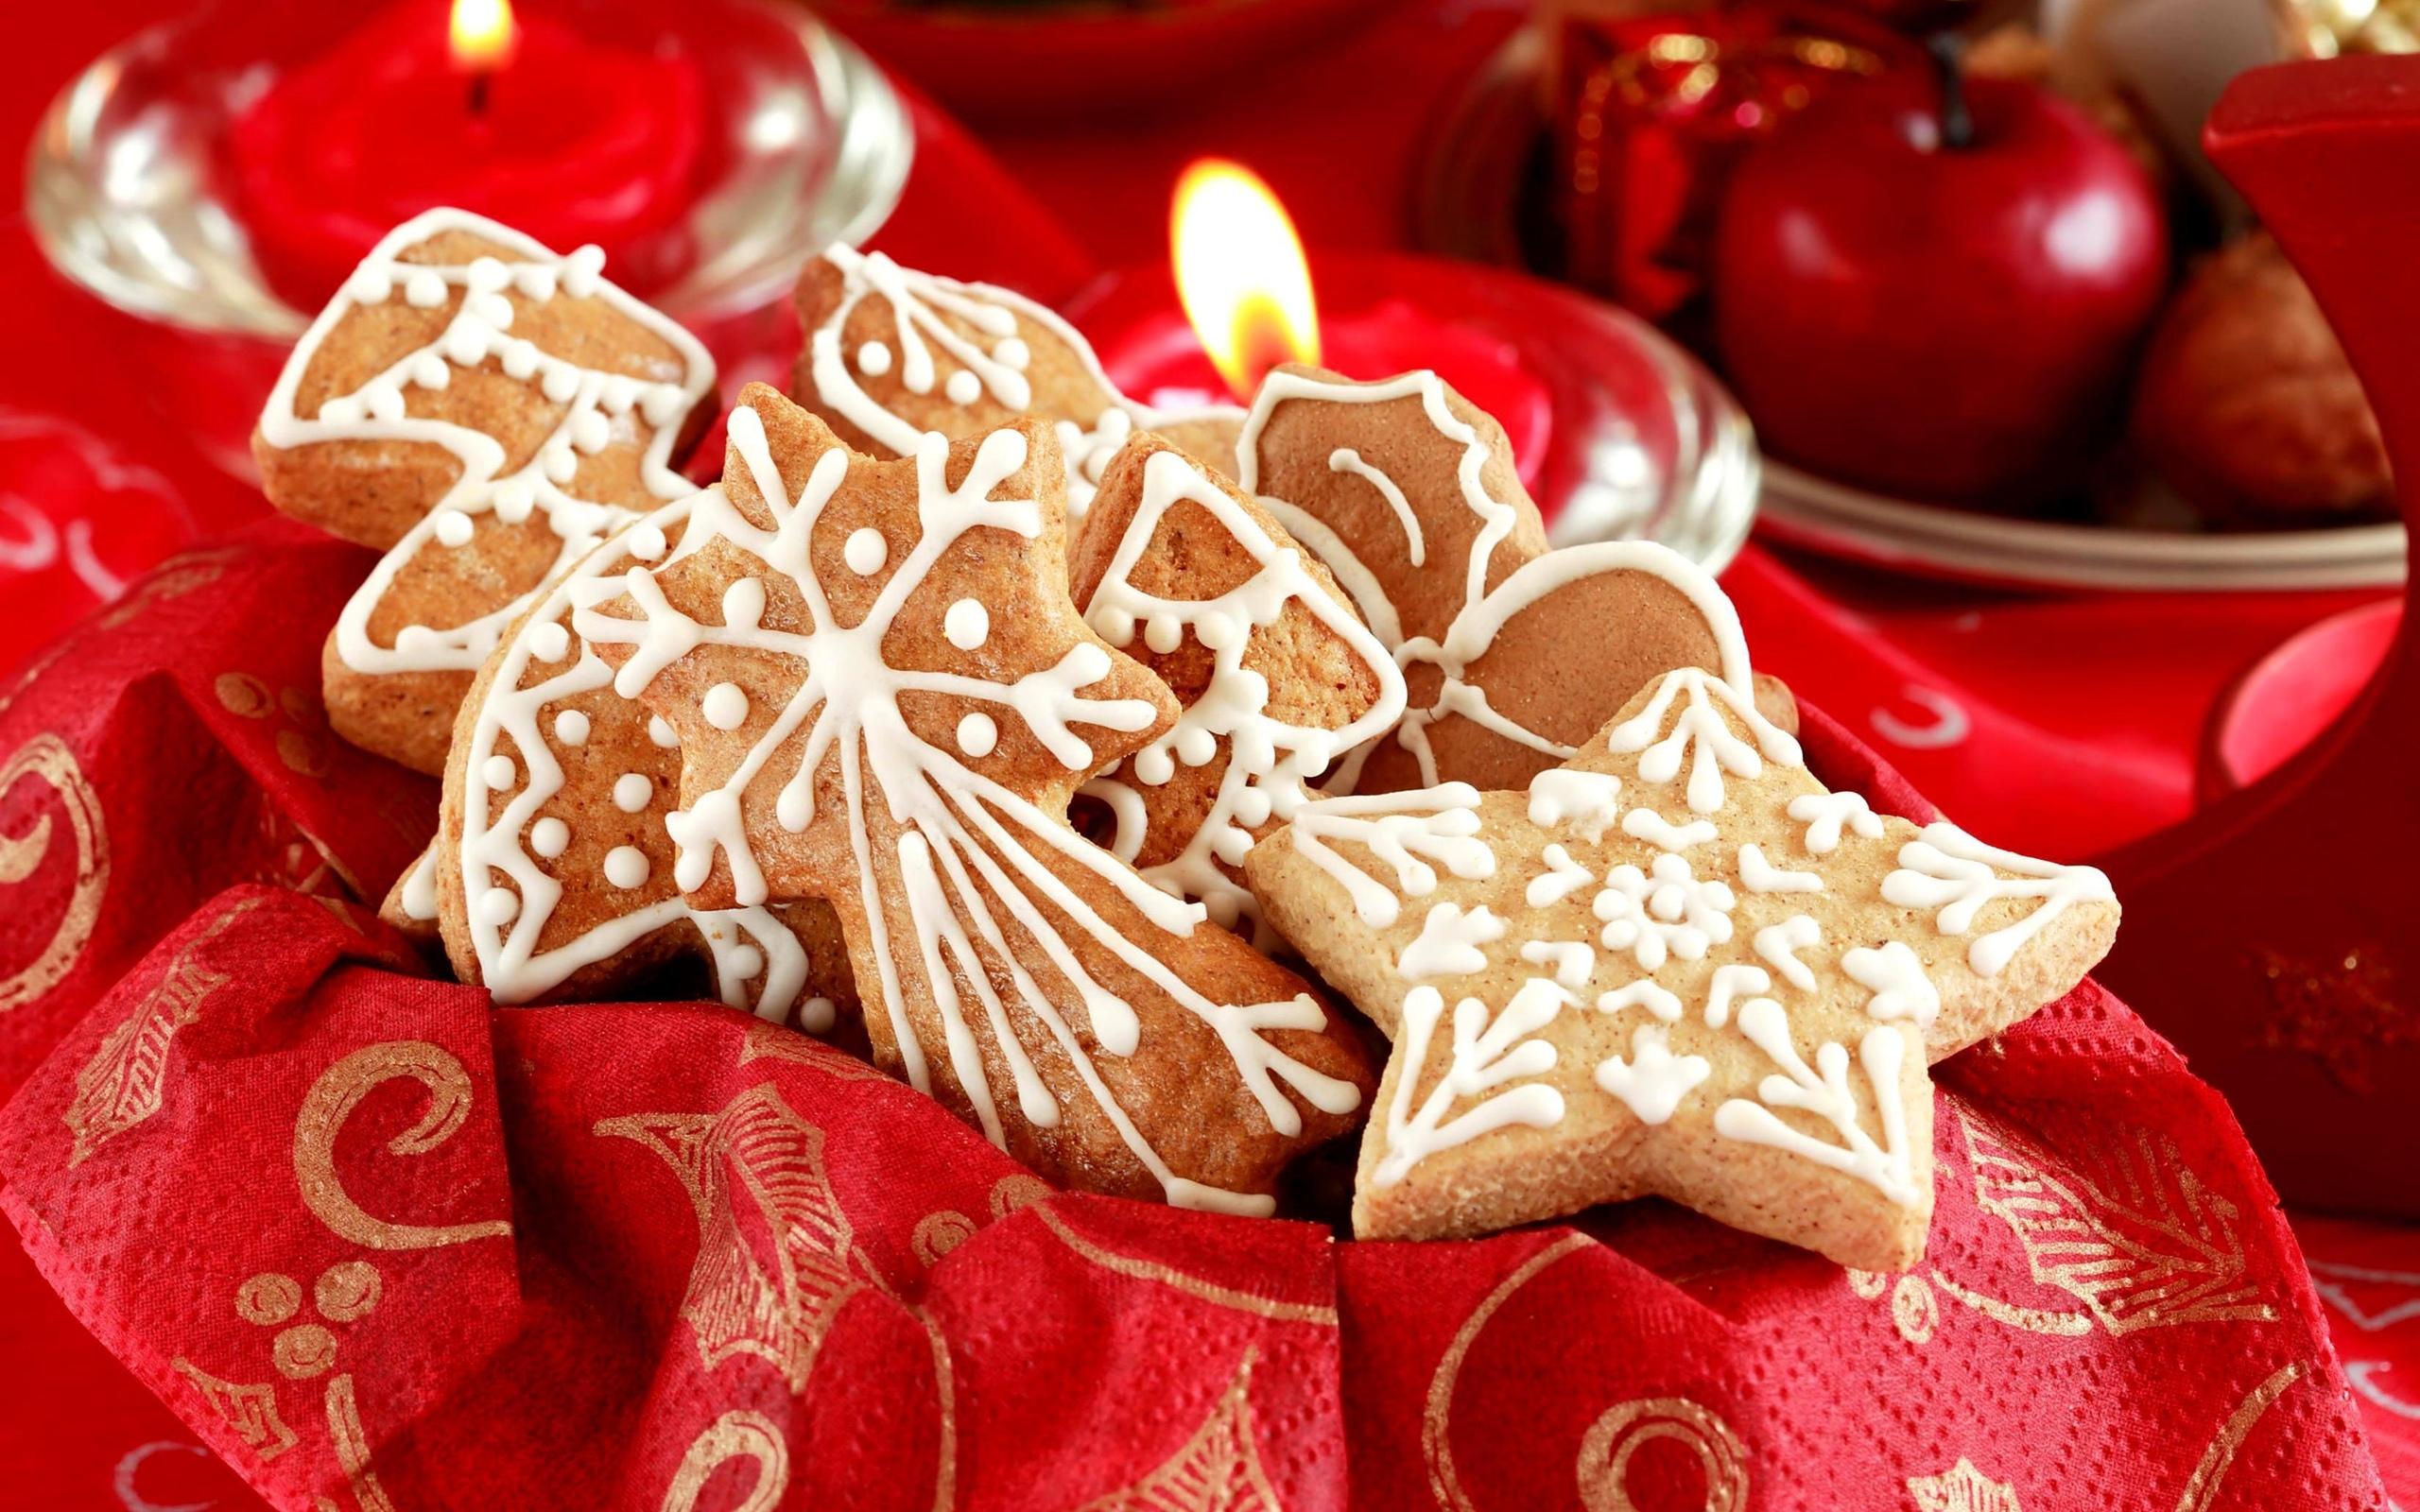 рождественское печенье картинки мужчина прыжке